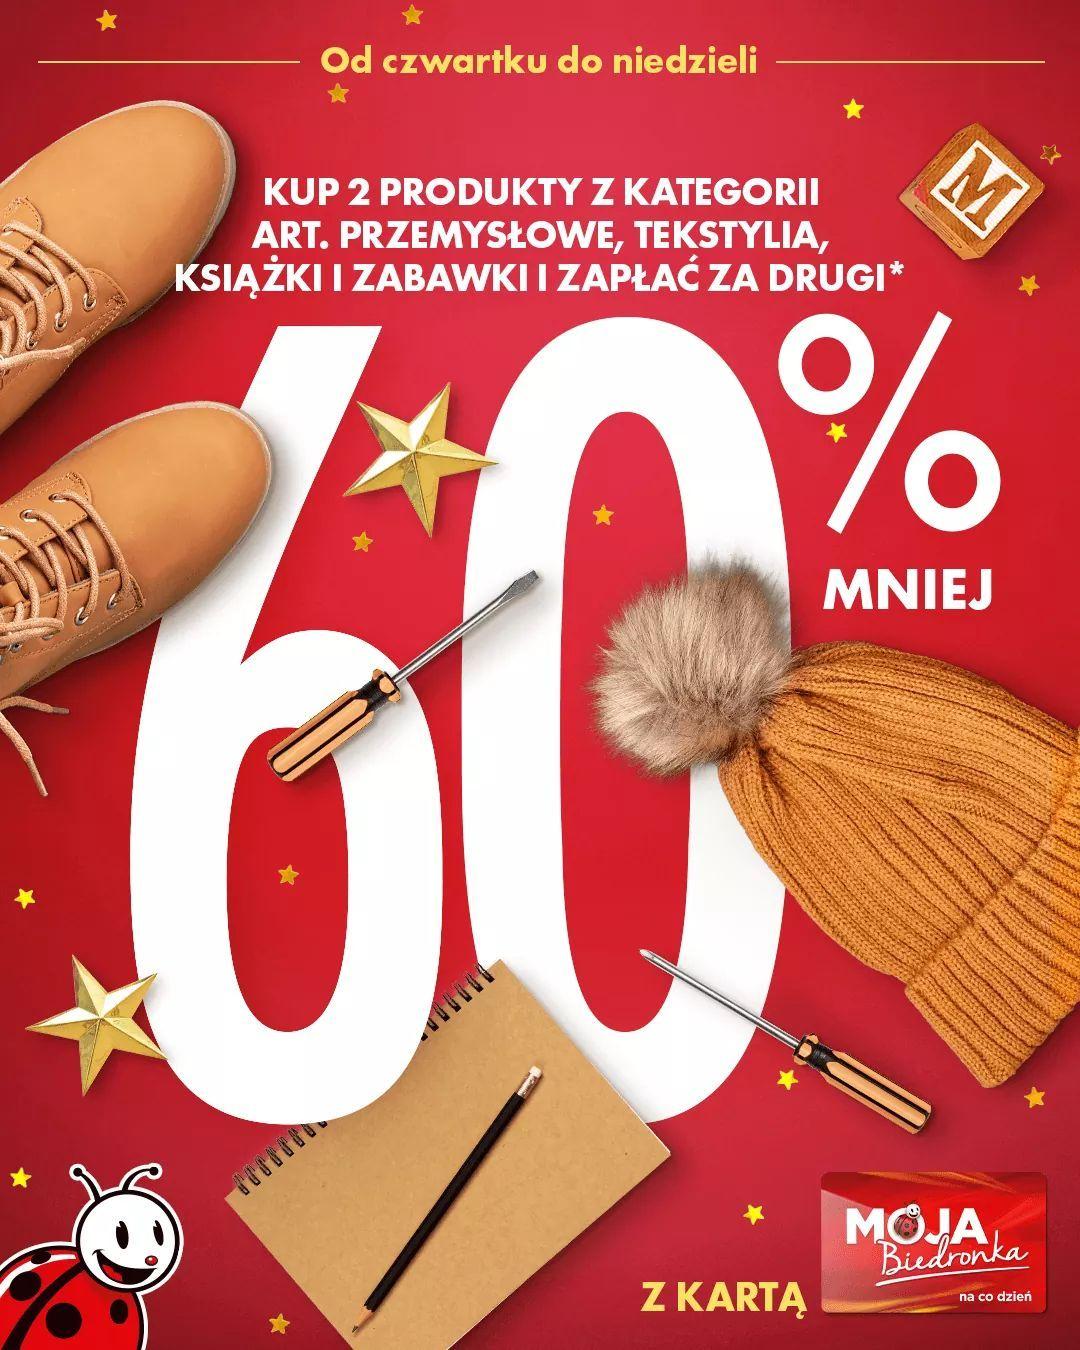 Z kartą moja Biedronka - 60% na drugi tańszy produkt z kategori przemysłowe, książki, tekstylia i zabawki.